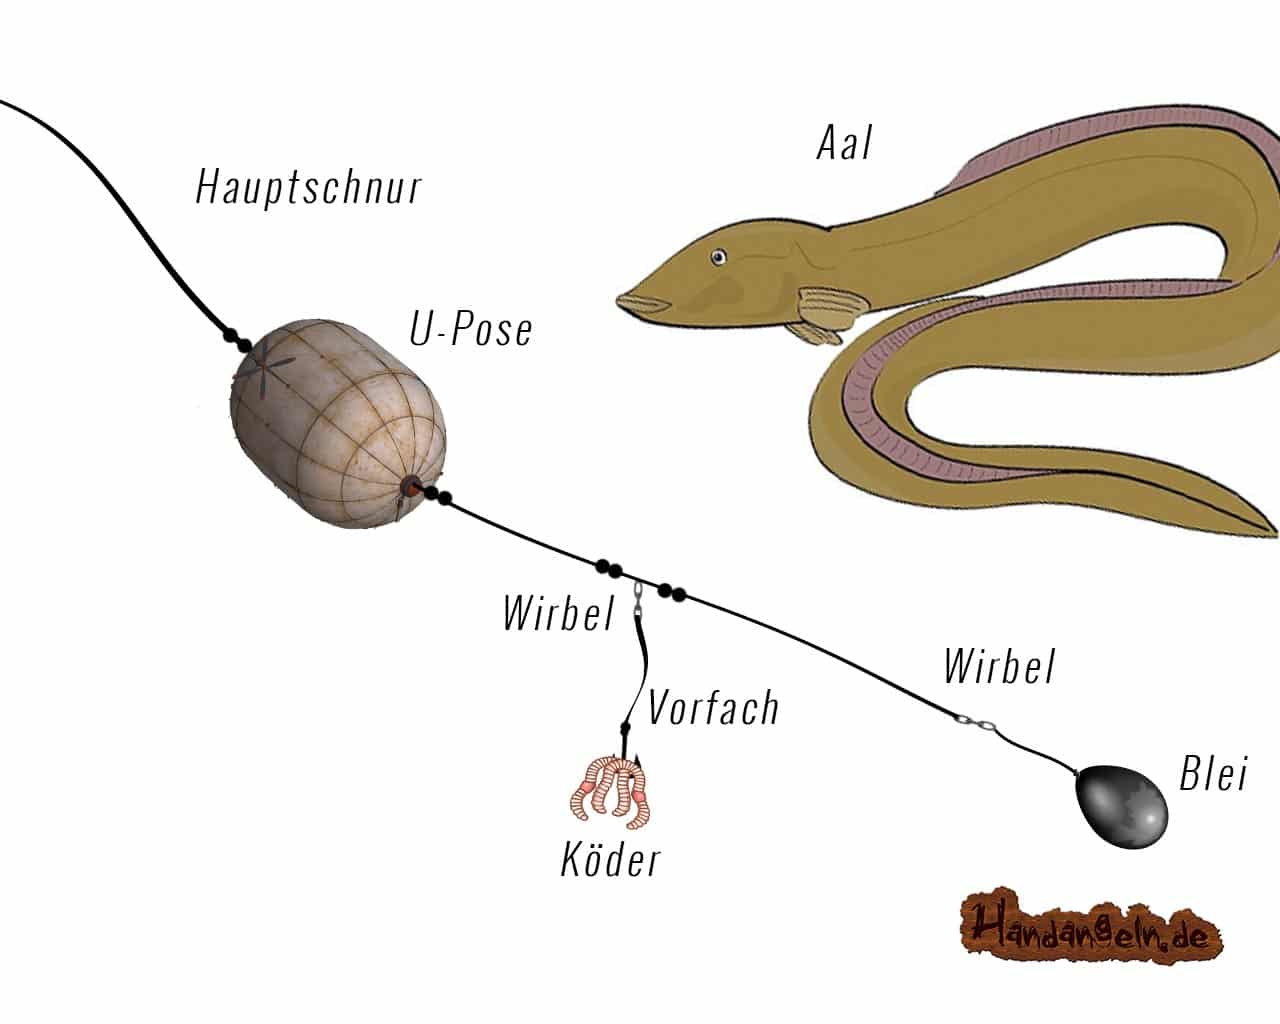 U-Pose Aal grafische Darstellung